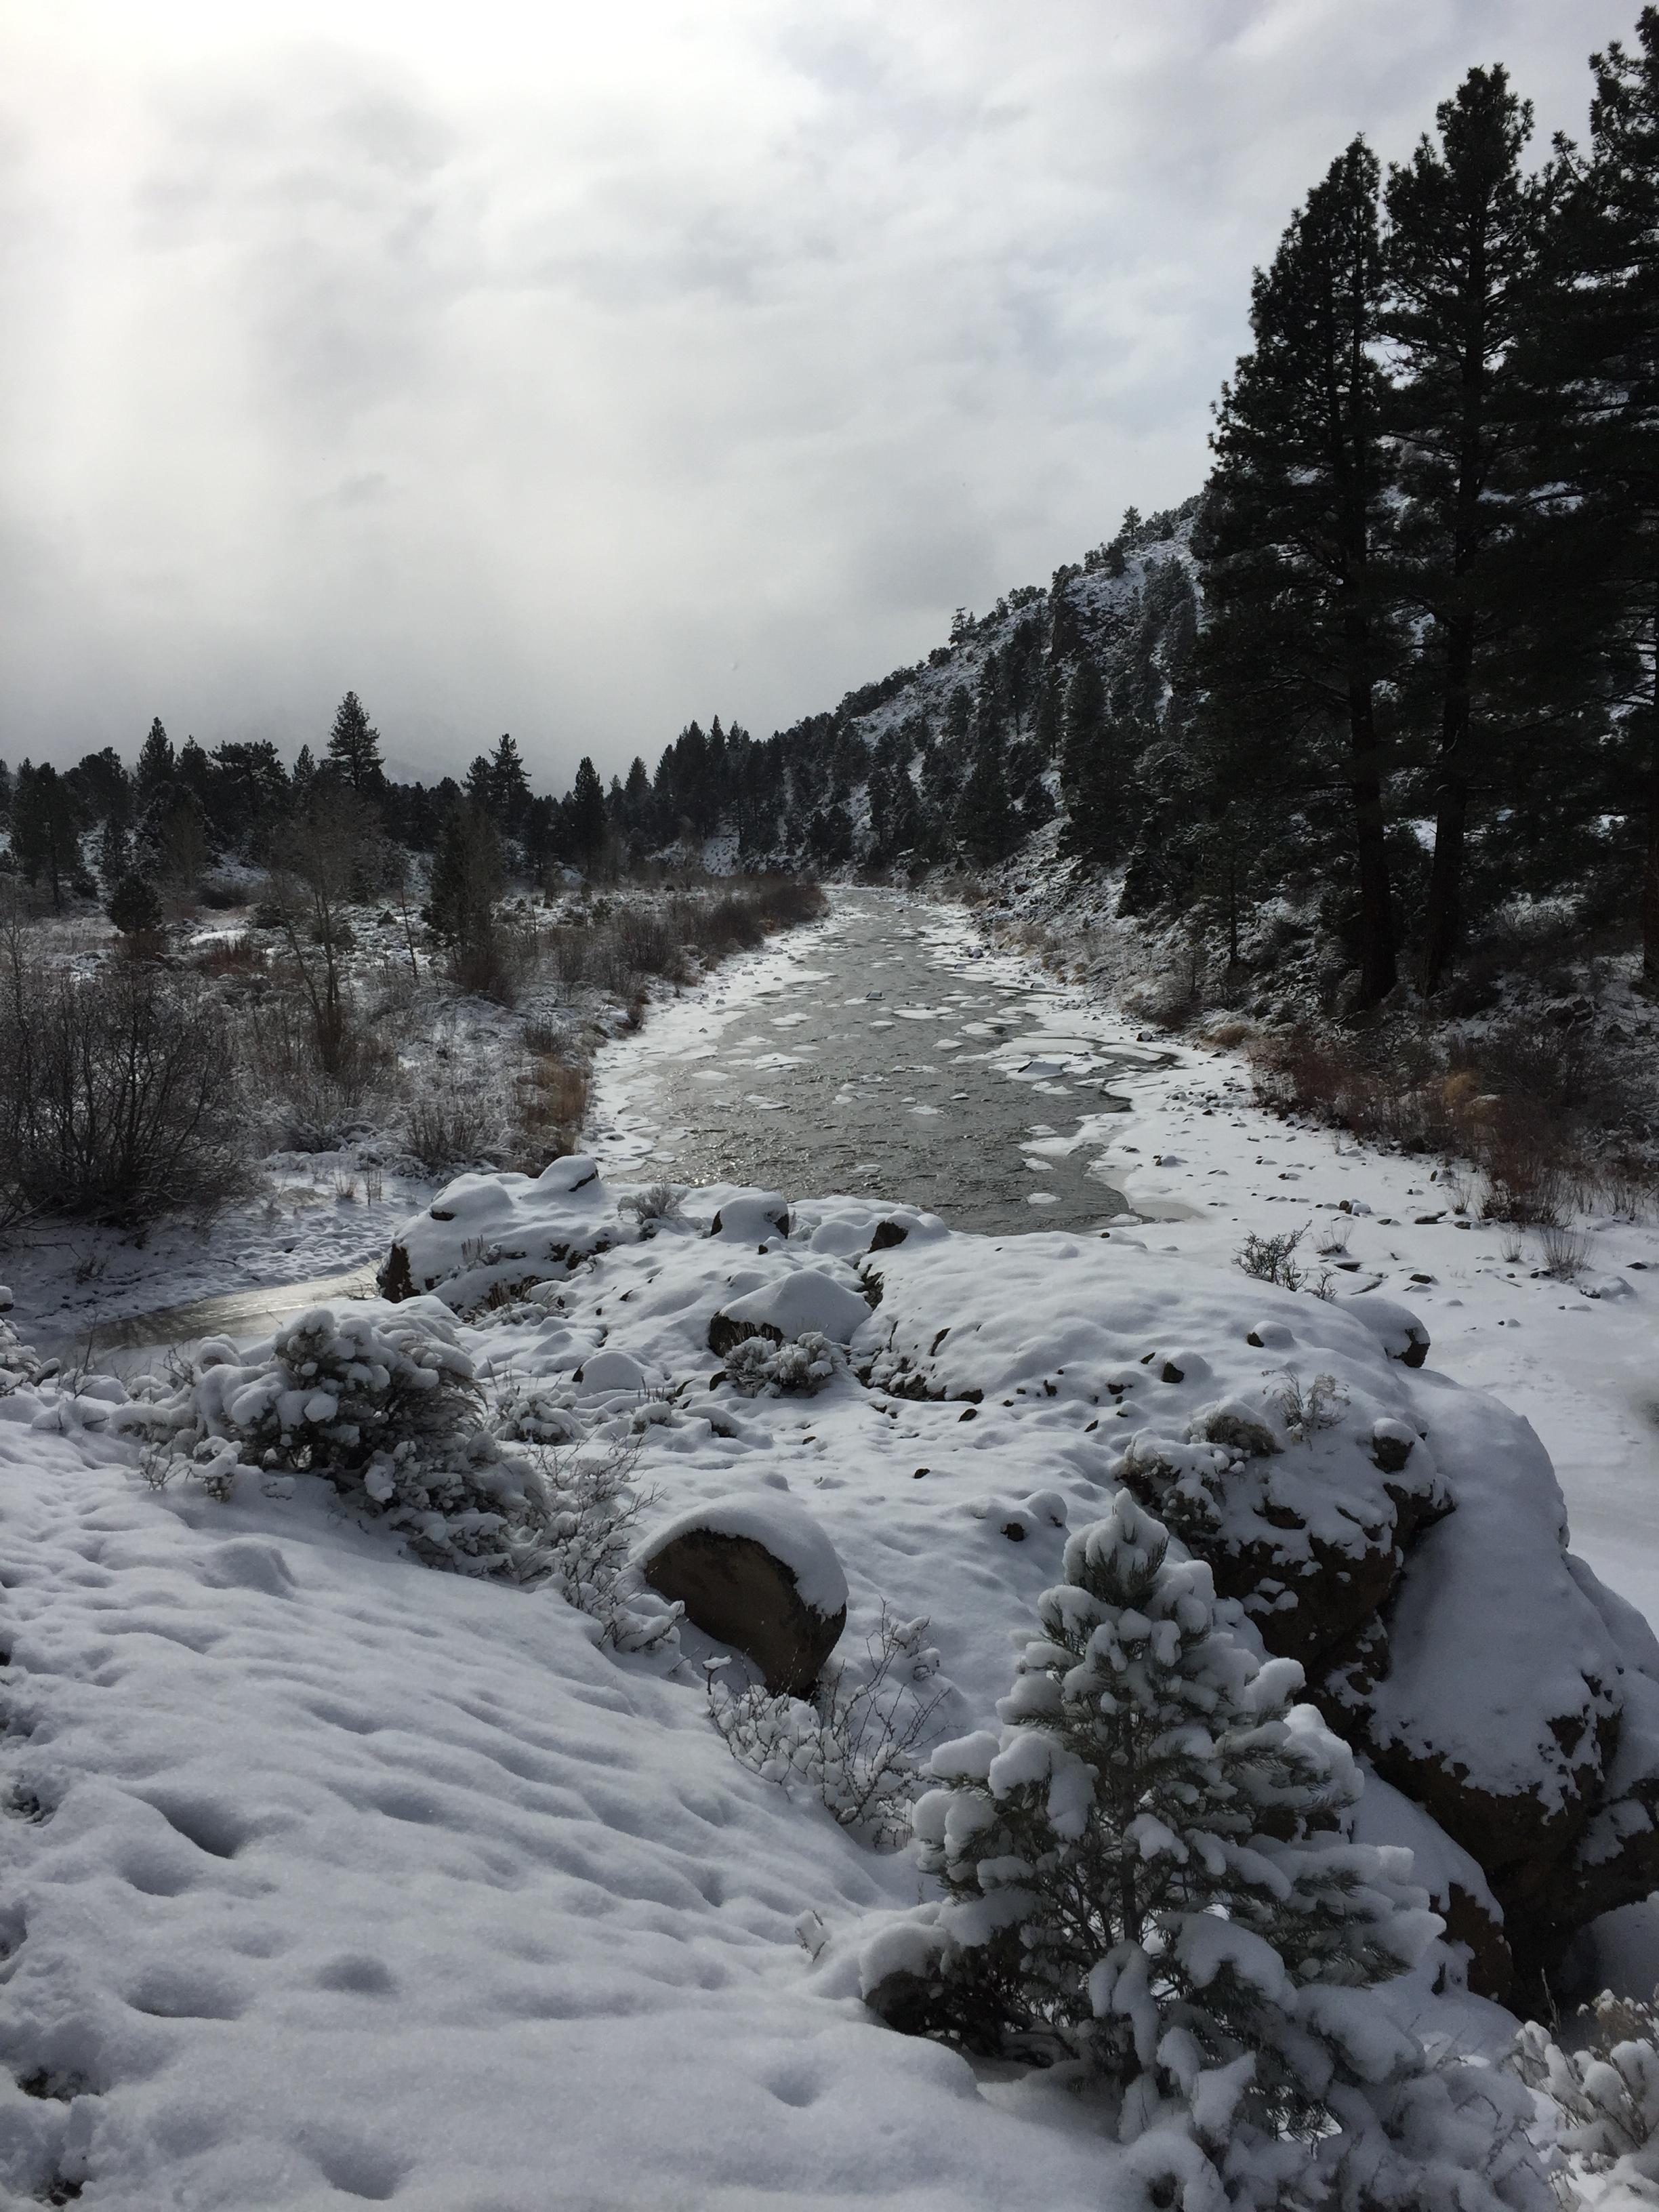 The Carson River